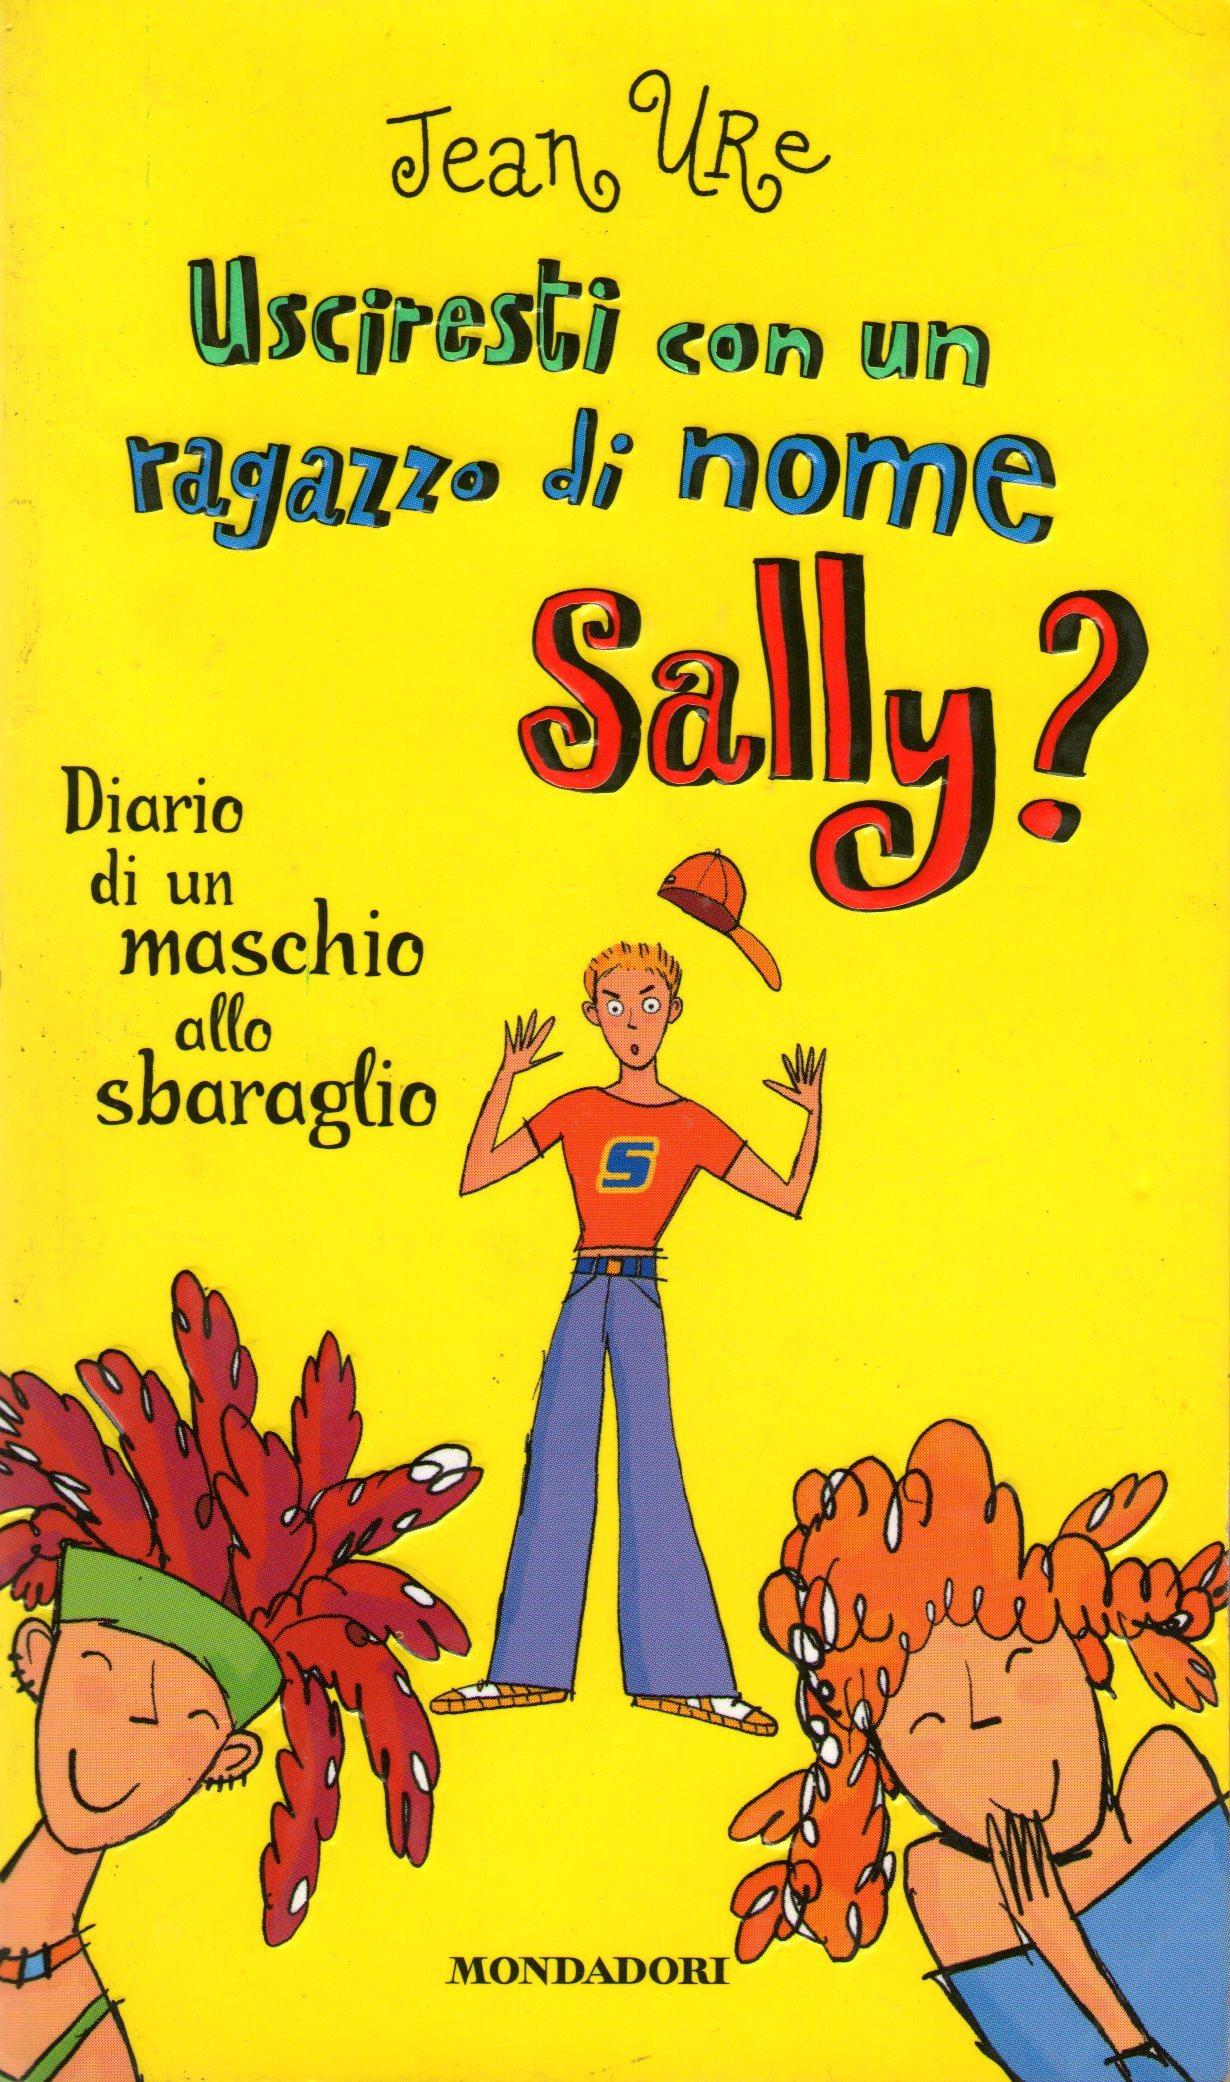 Usciresti con un ragazzo di nome Sally? Diario di un maschio allo sbaraglio Jean Ure